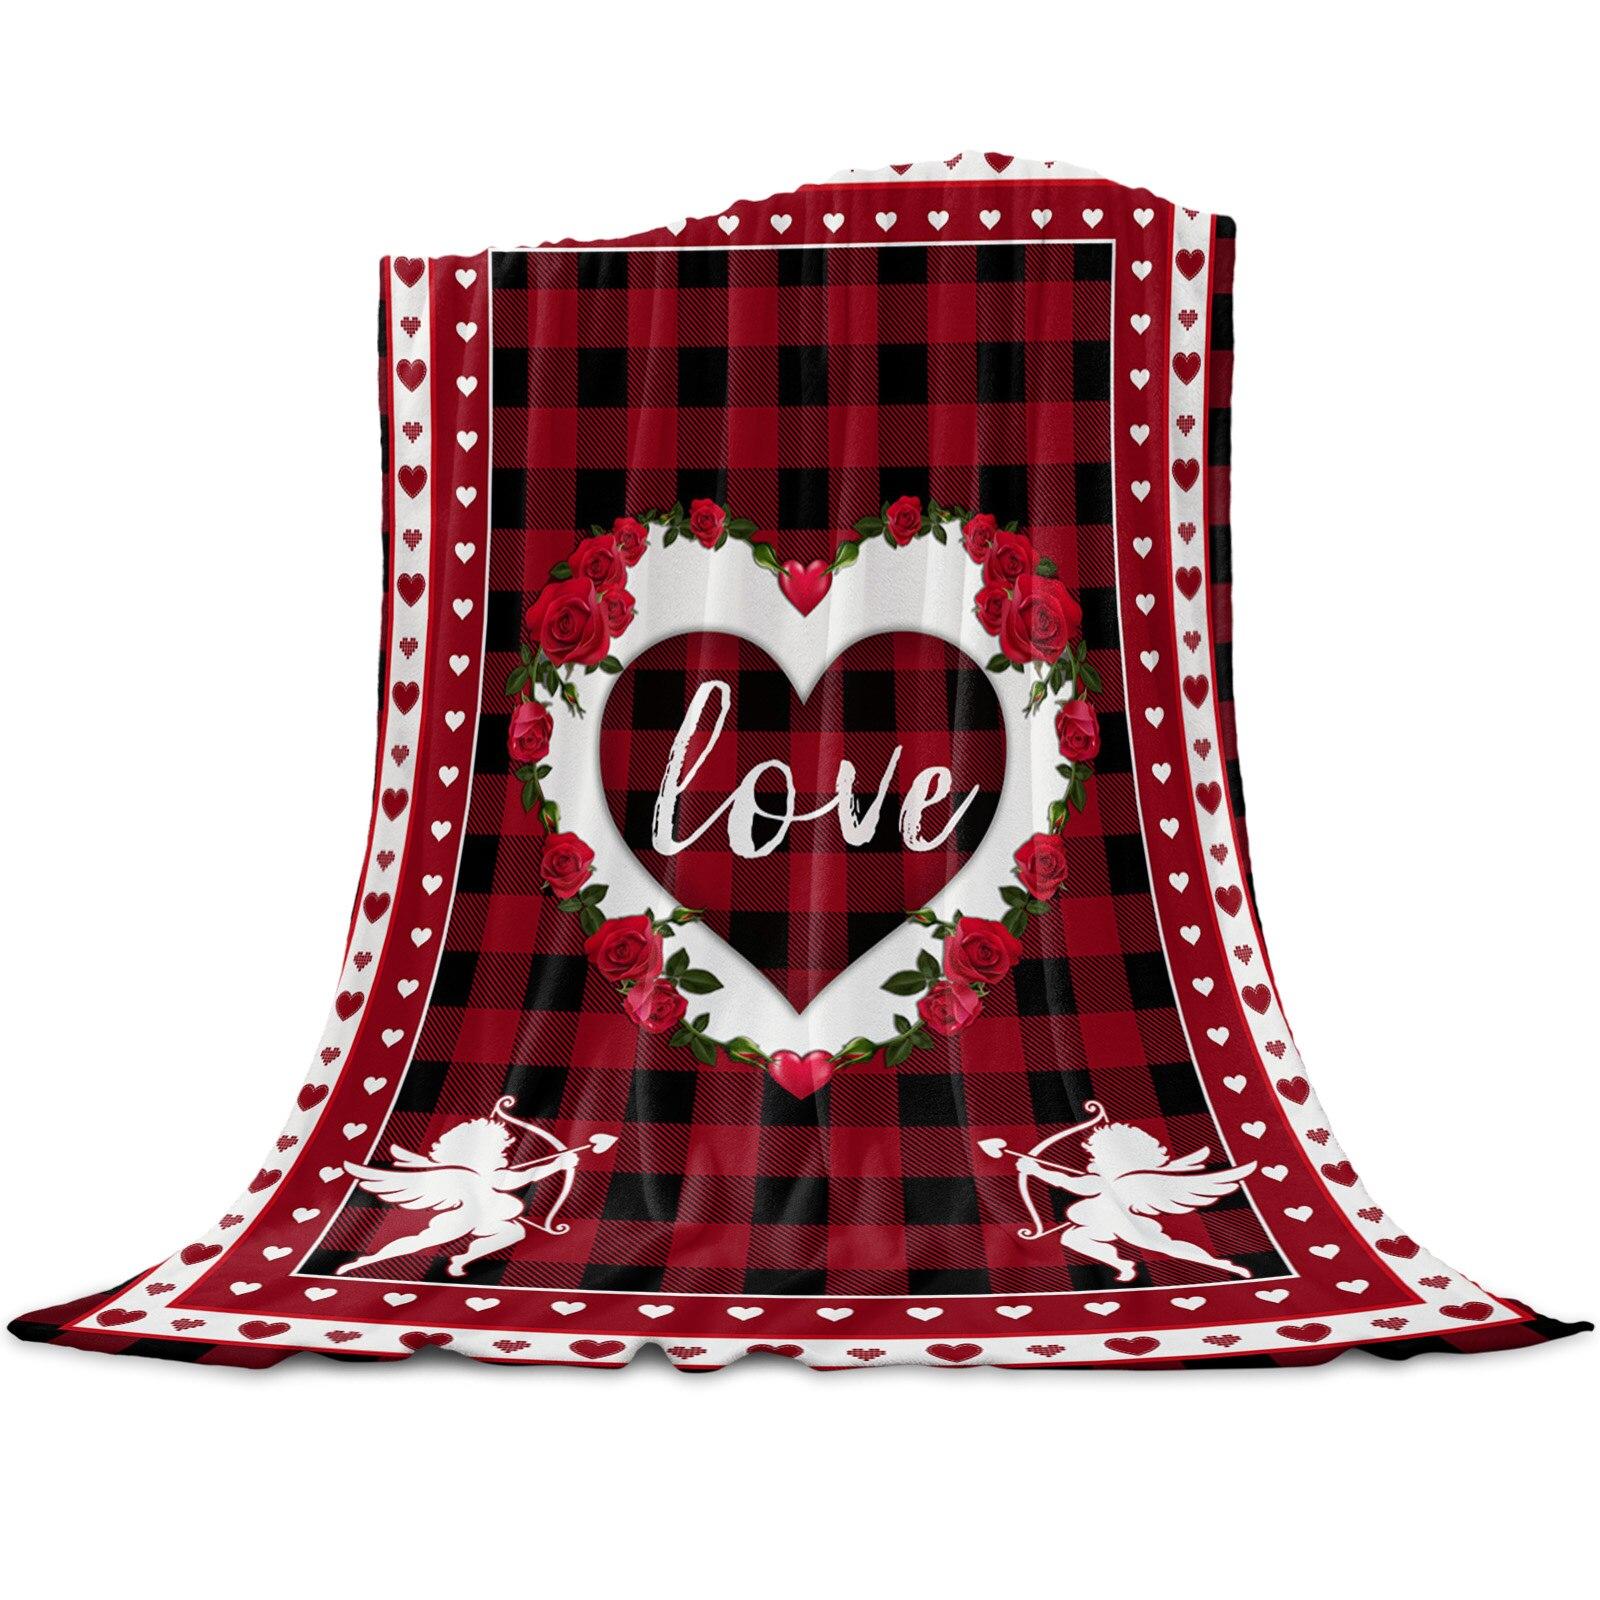 عيد الحب الأحمر منقوشة القلب الحب رمي بطانية للأسرة ستوكات الفانيلا بطانية دافئة أريكة الفراش المفرش الهدايا